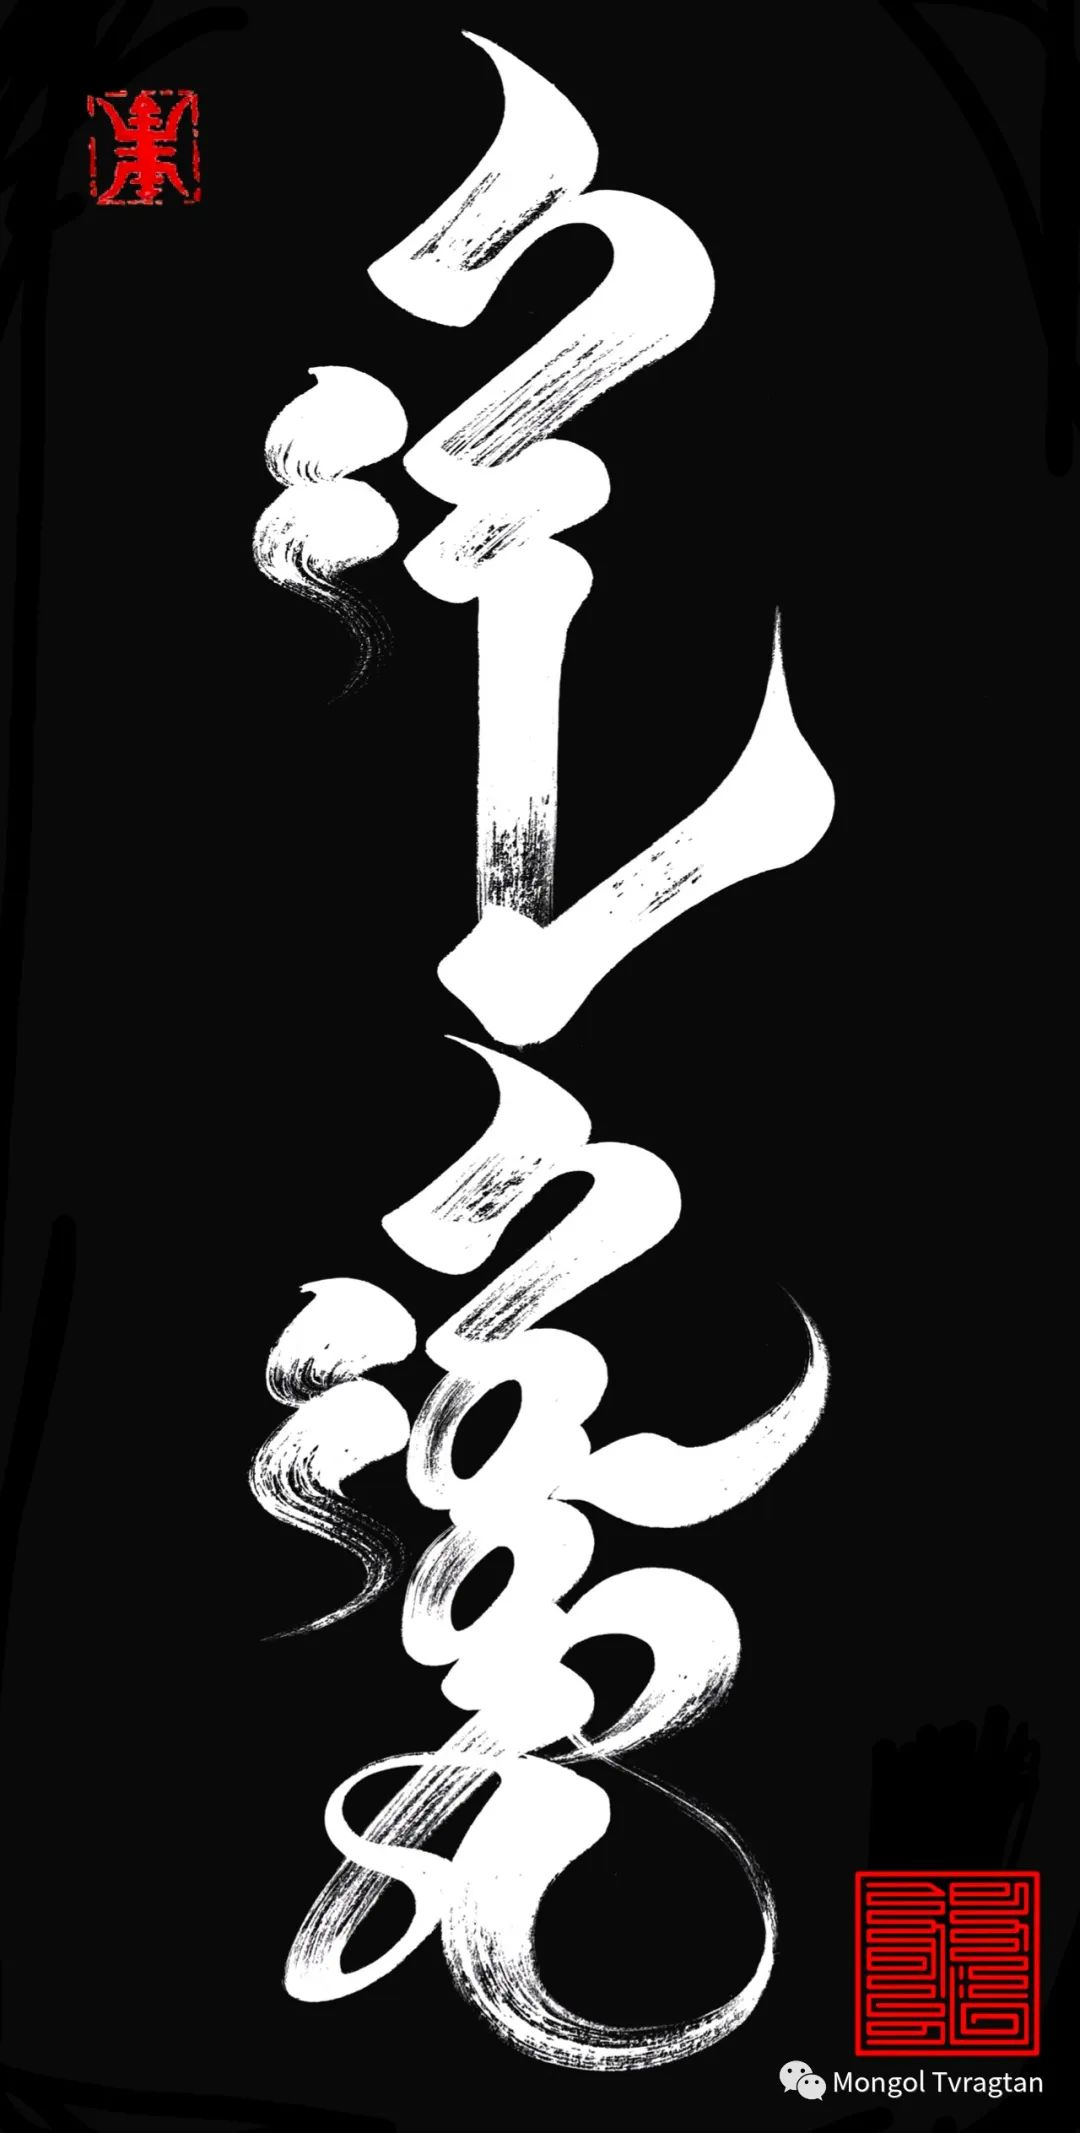 ᠮᠥᠩᠬᠡ ᠲᠡᠭᠷᠢᠶᠢᠨ ᠪᠢᠴᠢᠭ᠌ - ᠰᠠᠮᠳᠠᠨ 第13张 ᠮᠥᠩᠬᠡ ᠲᠡᠭᠷᠢᠶᠢᠨ ᠪᠢᠴᠢᠭ᠌ - ᠰᠠᠮᠳᠠᠨ 蒙古书法